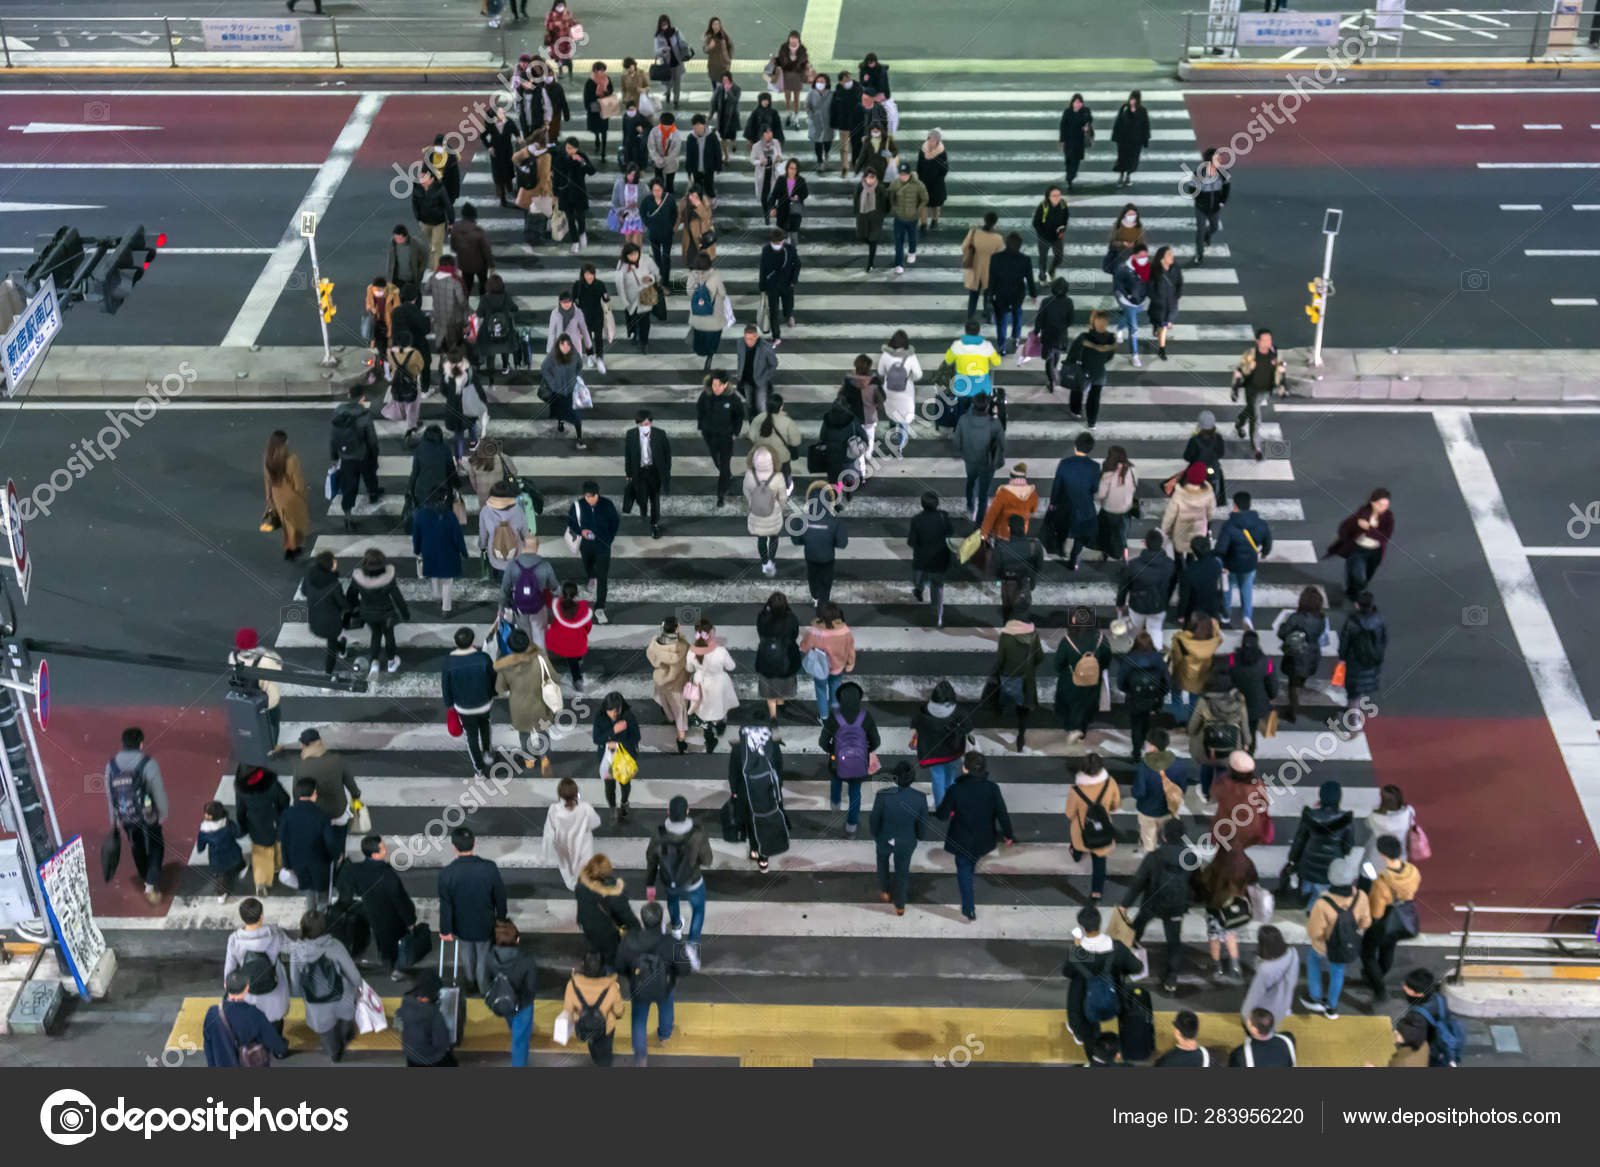 Tokyo Japan Feb 2019 Crowd Undefined People Walking Street